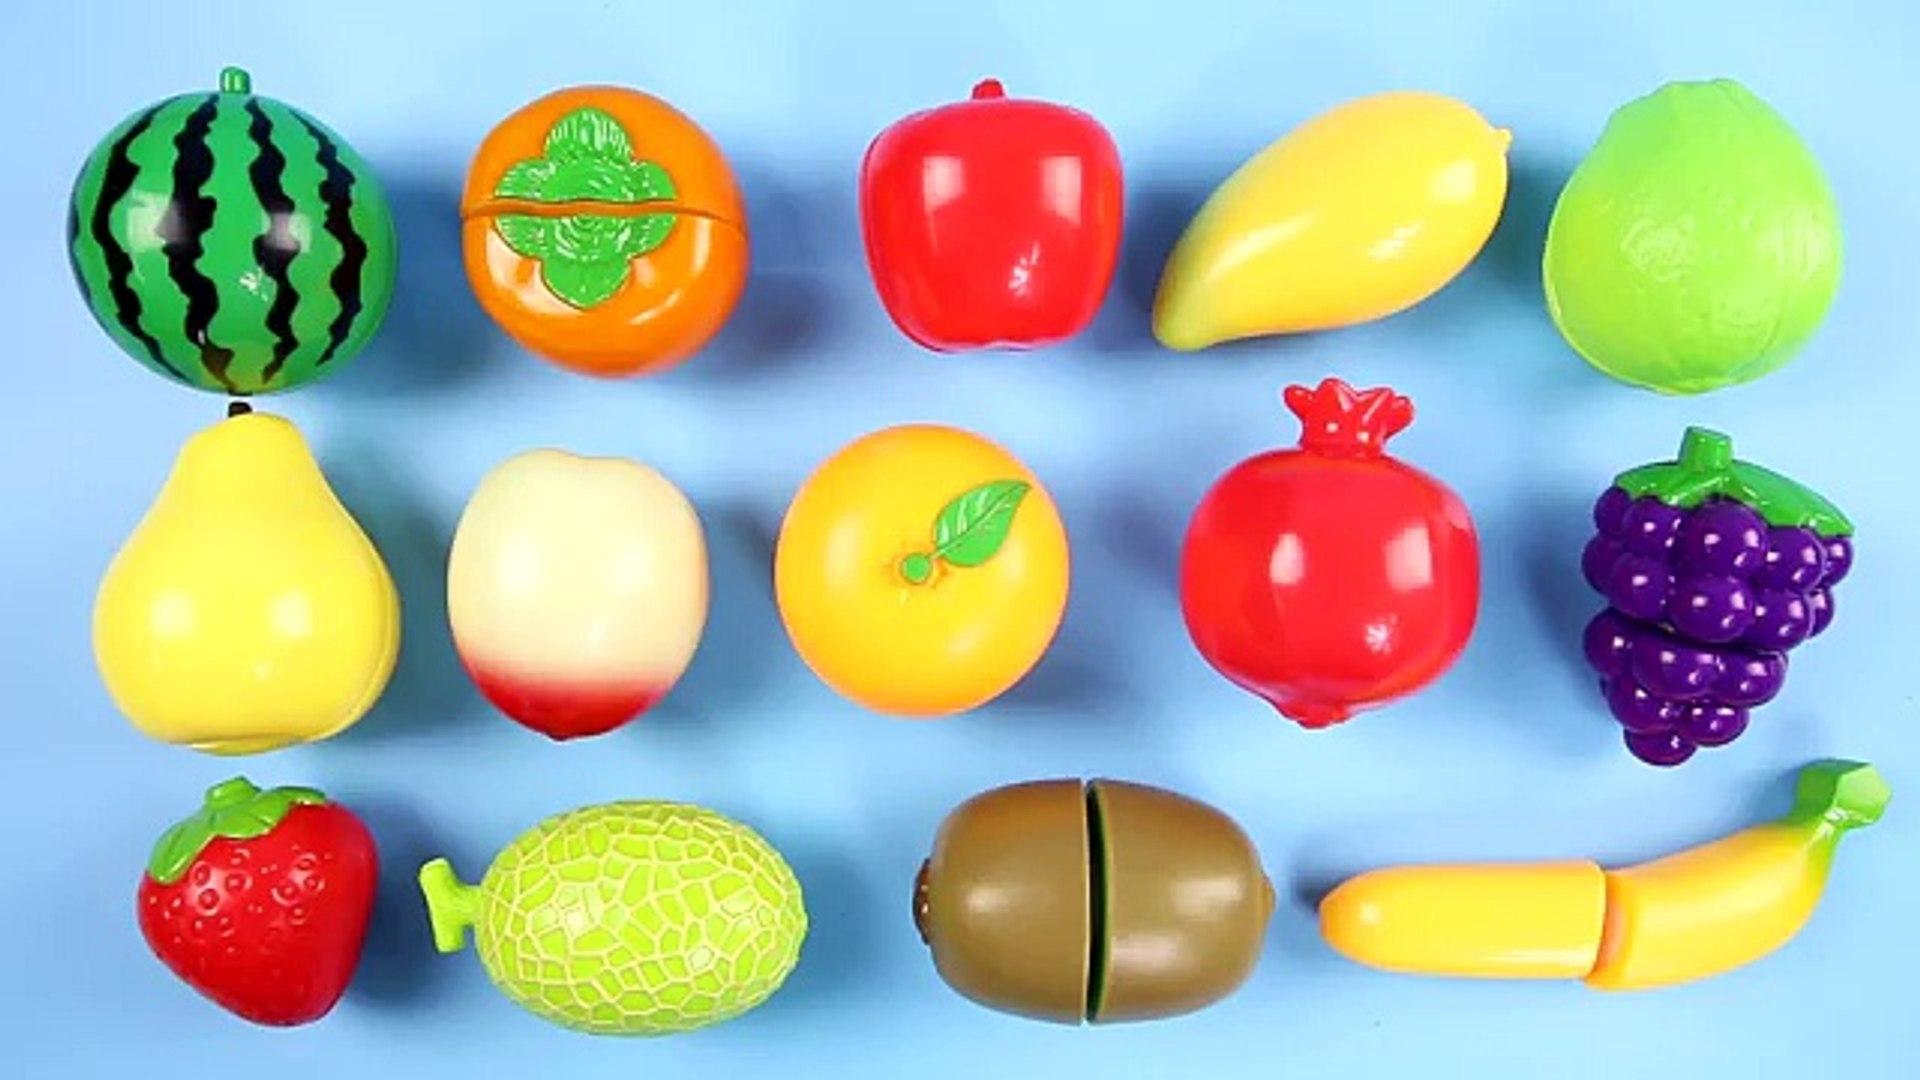 Узнайте фрукты и овощи имен с липучка резка игрушка Комплект Дети детей младшего возраста